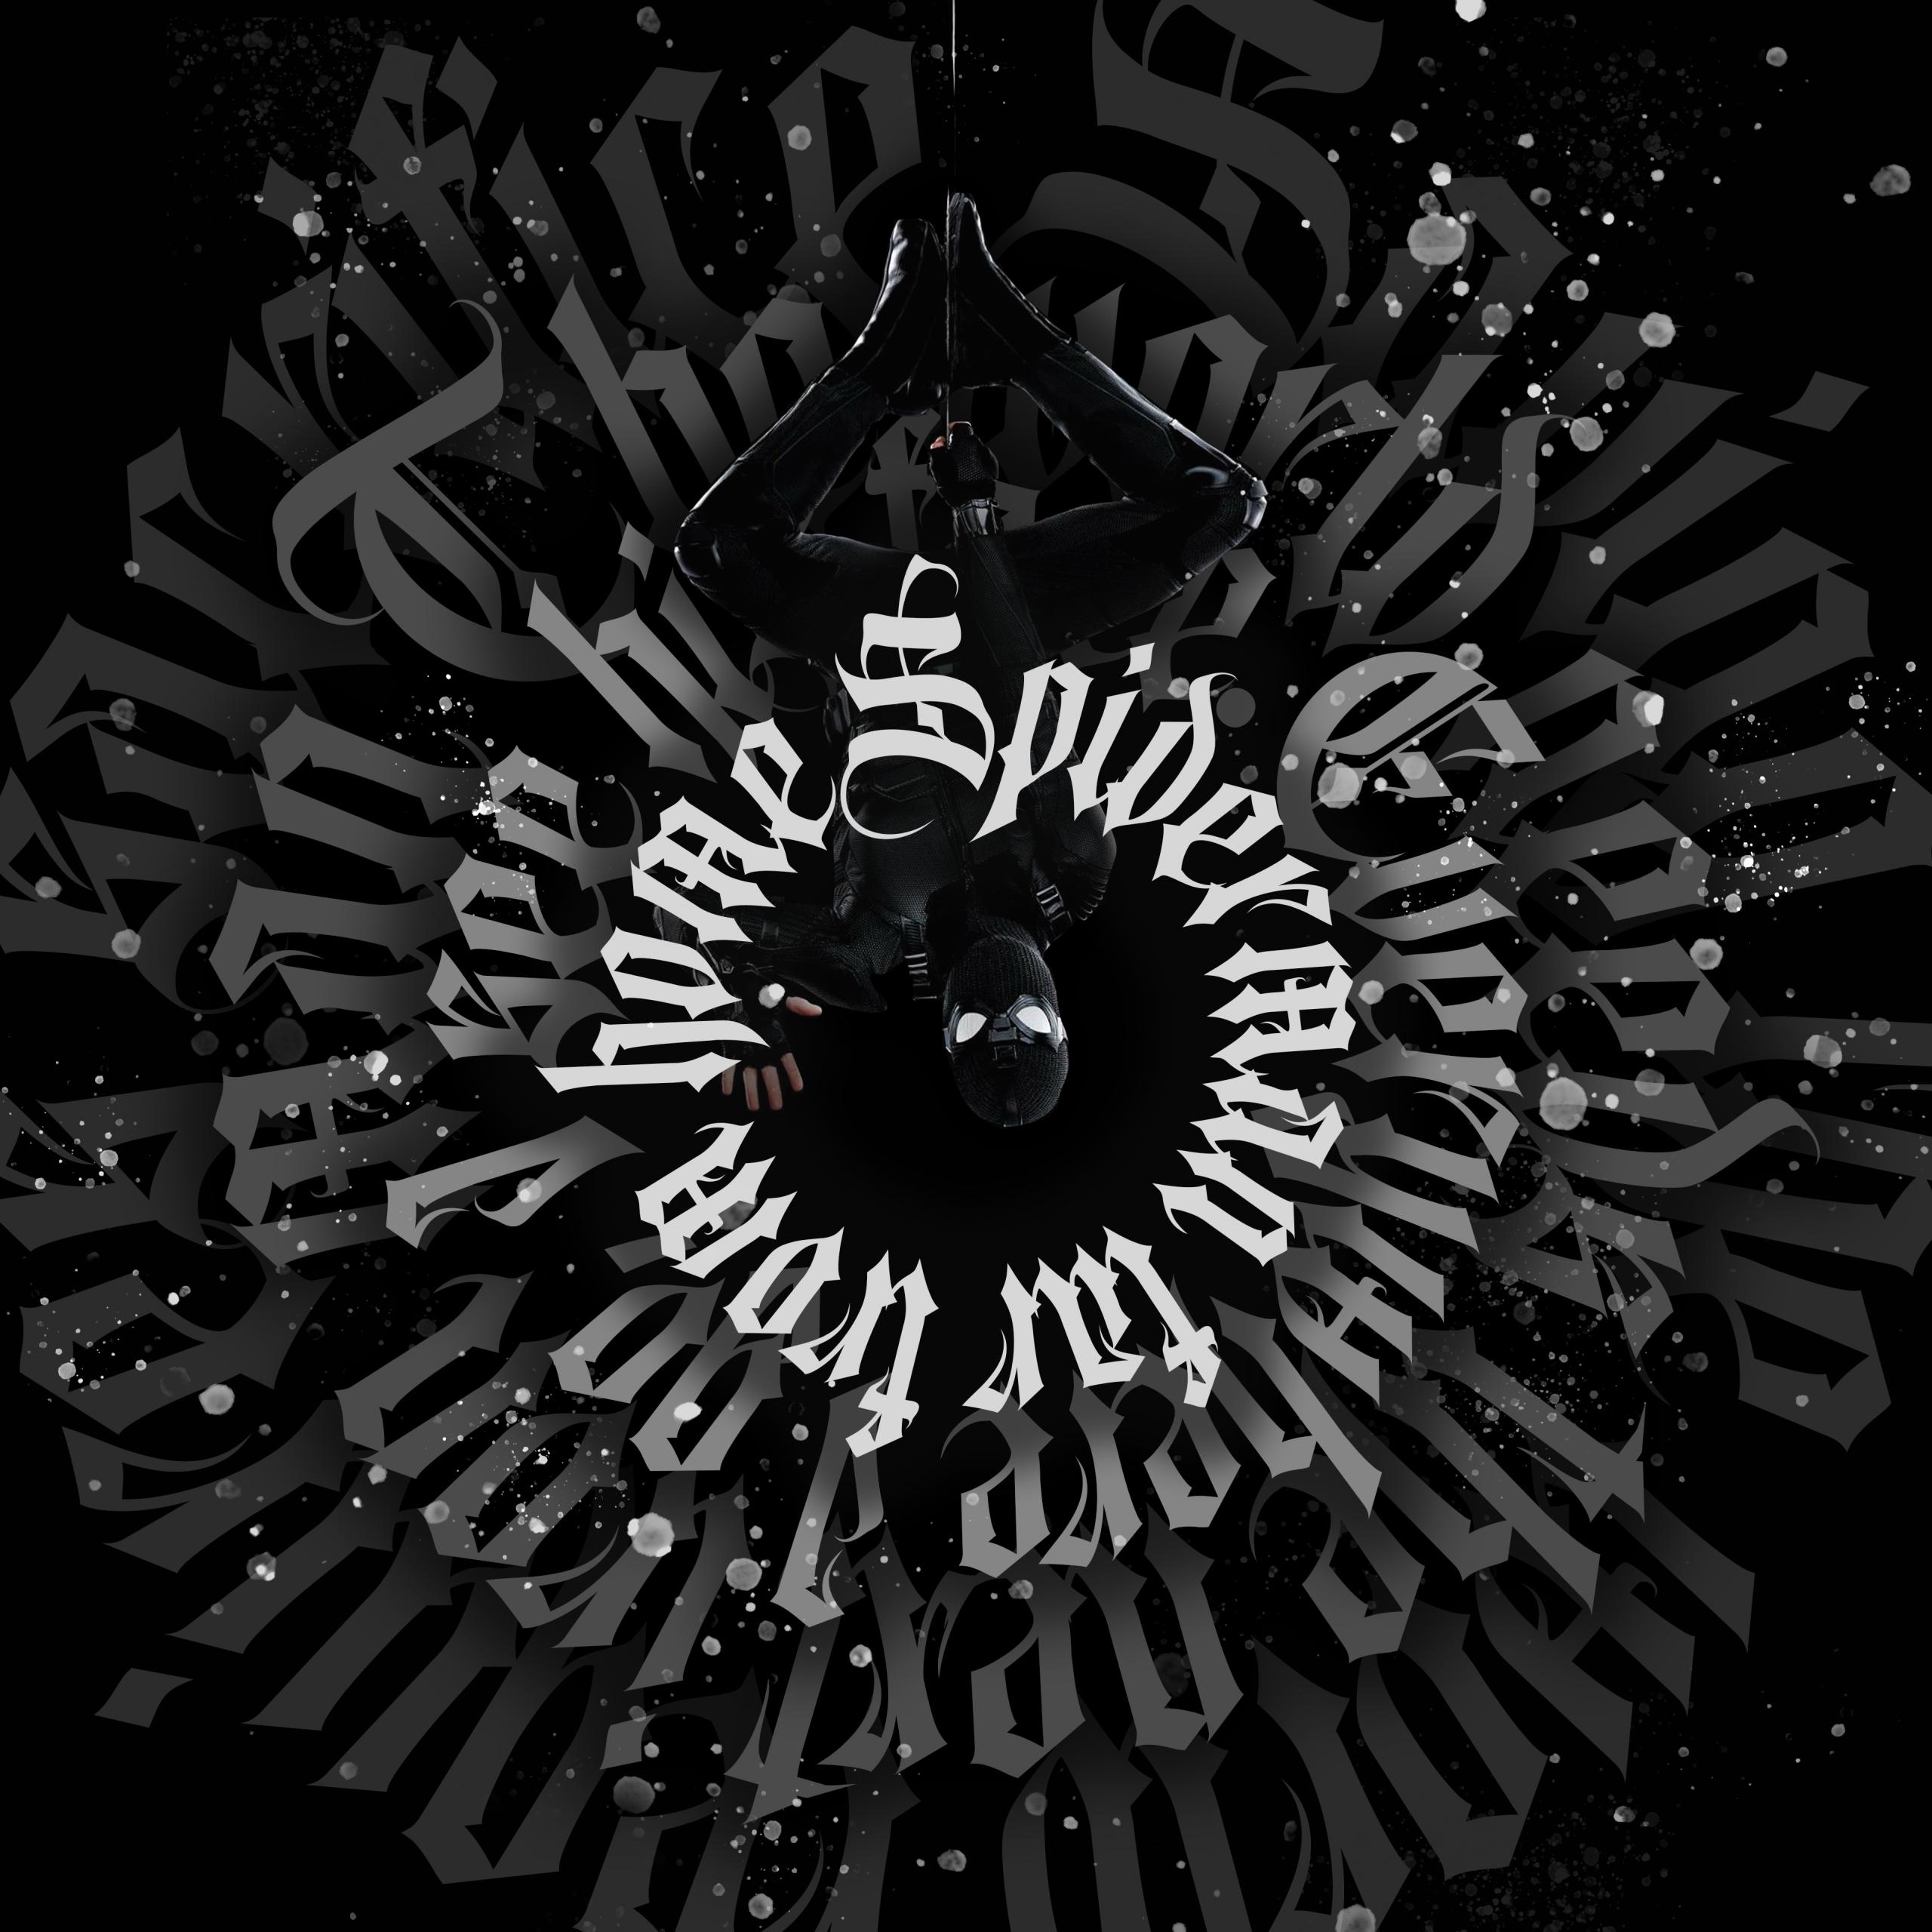 Spider Man Noir 4k Wallpaper Spider Man Dark Black Background Artwork Digital Art Black Dark 586